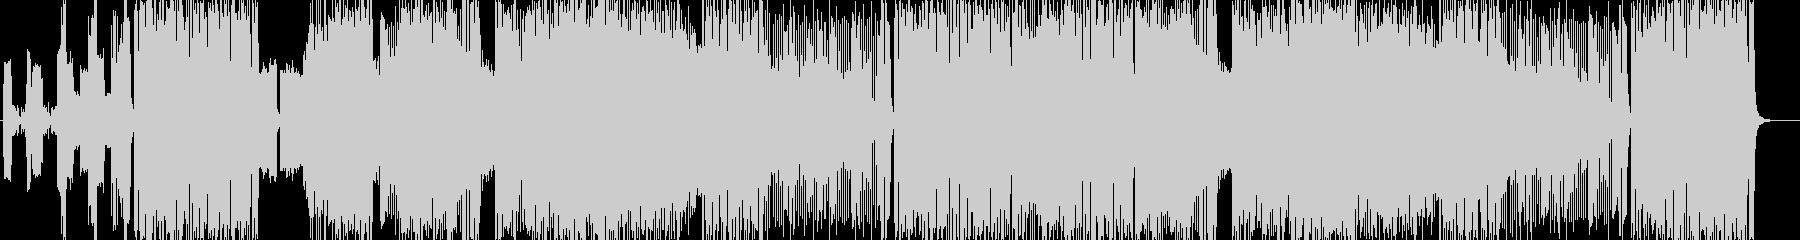 「ハード/ヘヴィ/ダーク」BGM231の未再生の波形